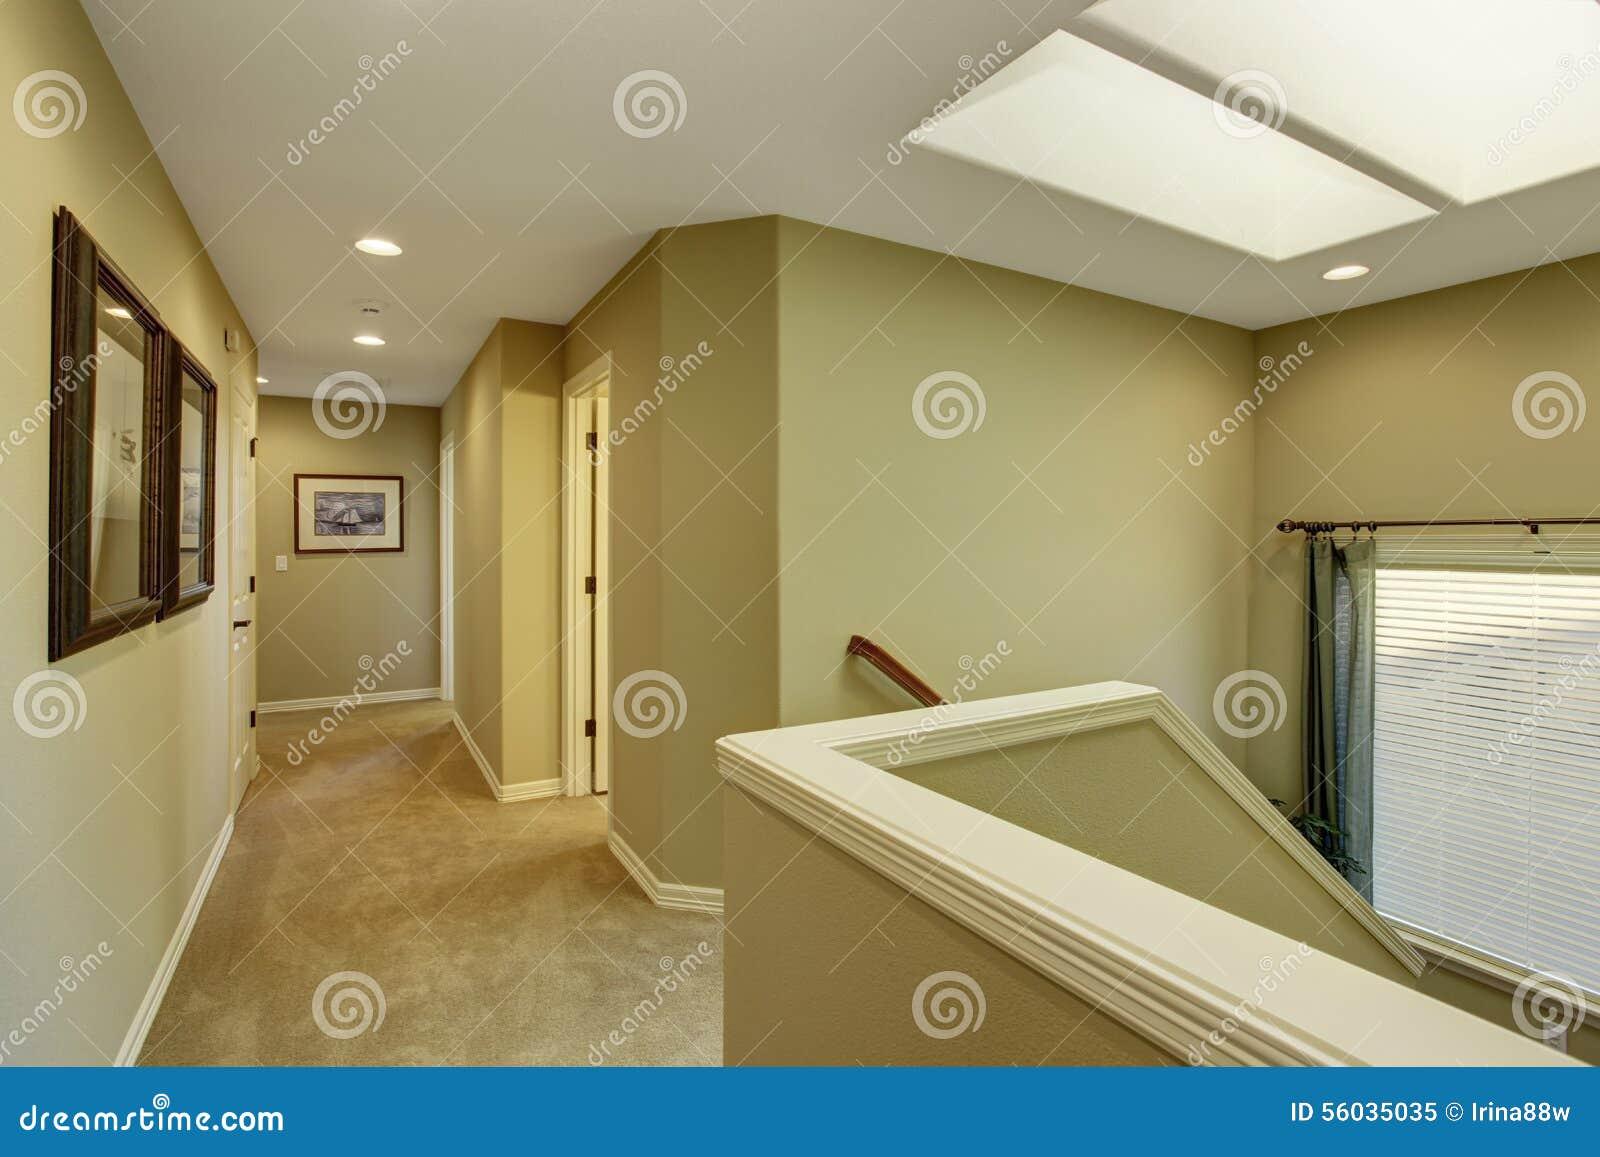 Tapijt Voor Gang : Lege gang met trap en tapijt stock afbeelding afbeelding